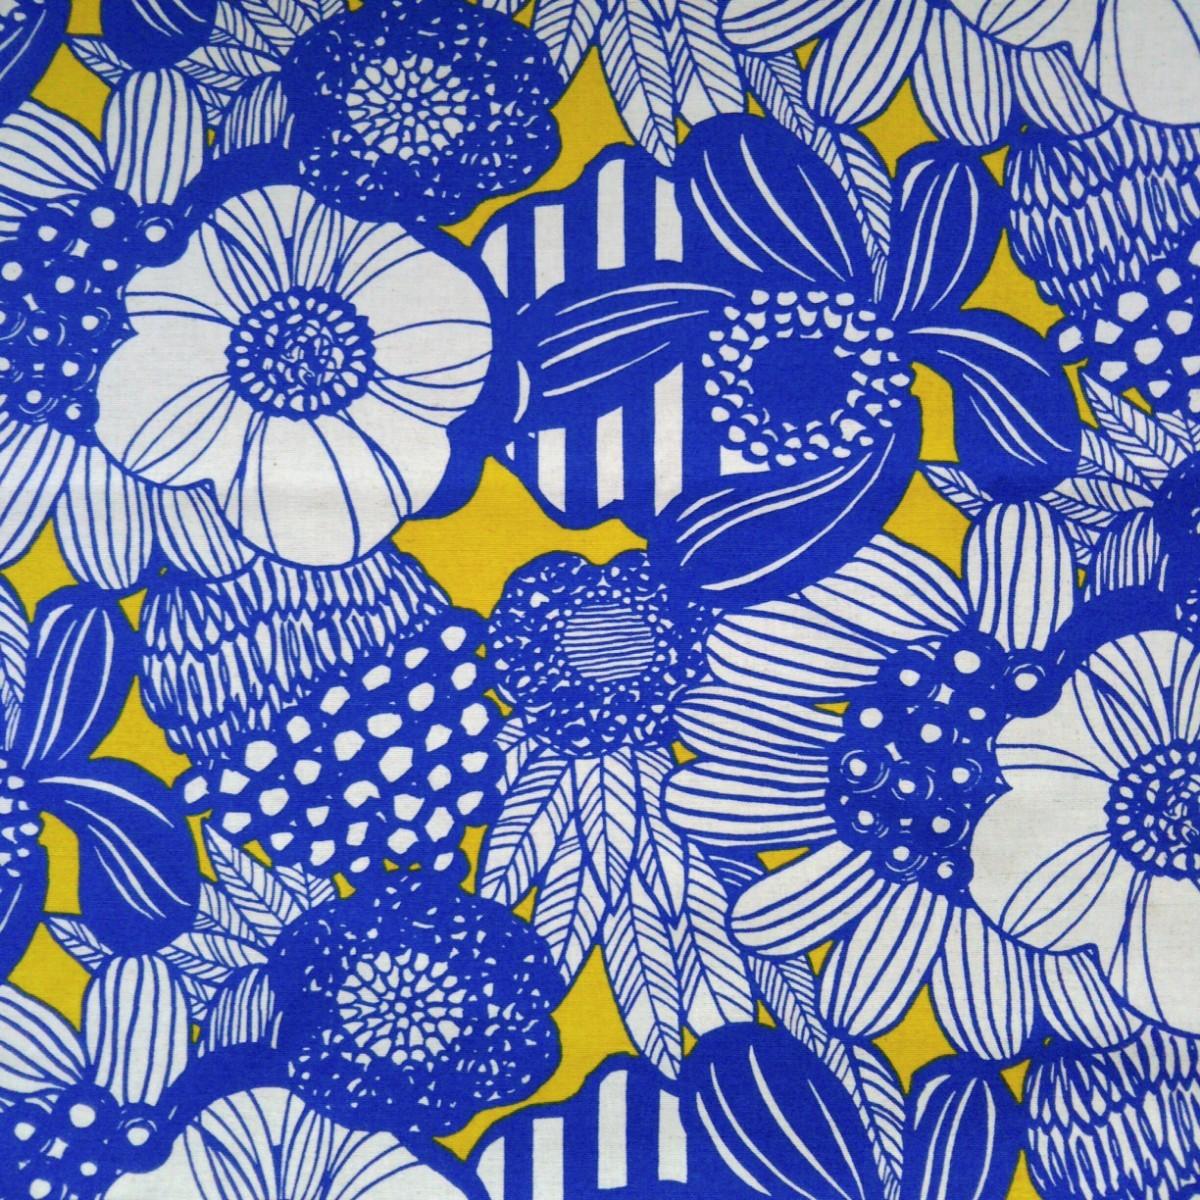 コットンこばやし北欧風綿麻キャンバス 生地 アートフラワー ブルー う早この布